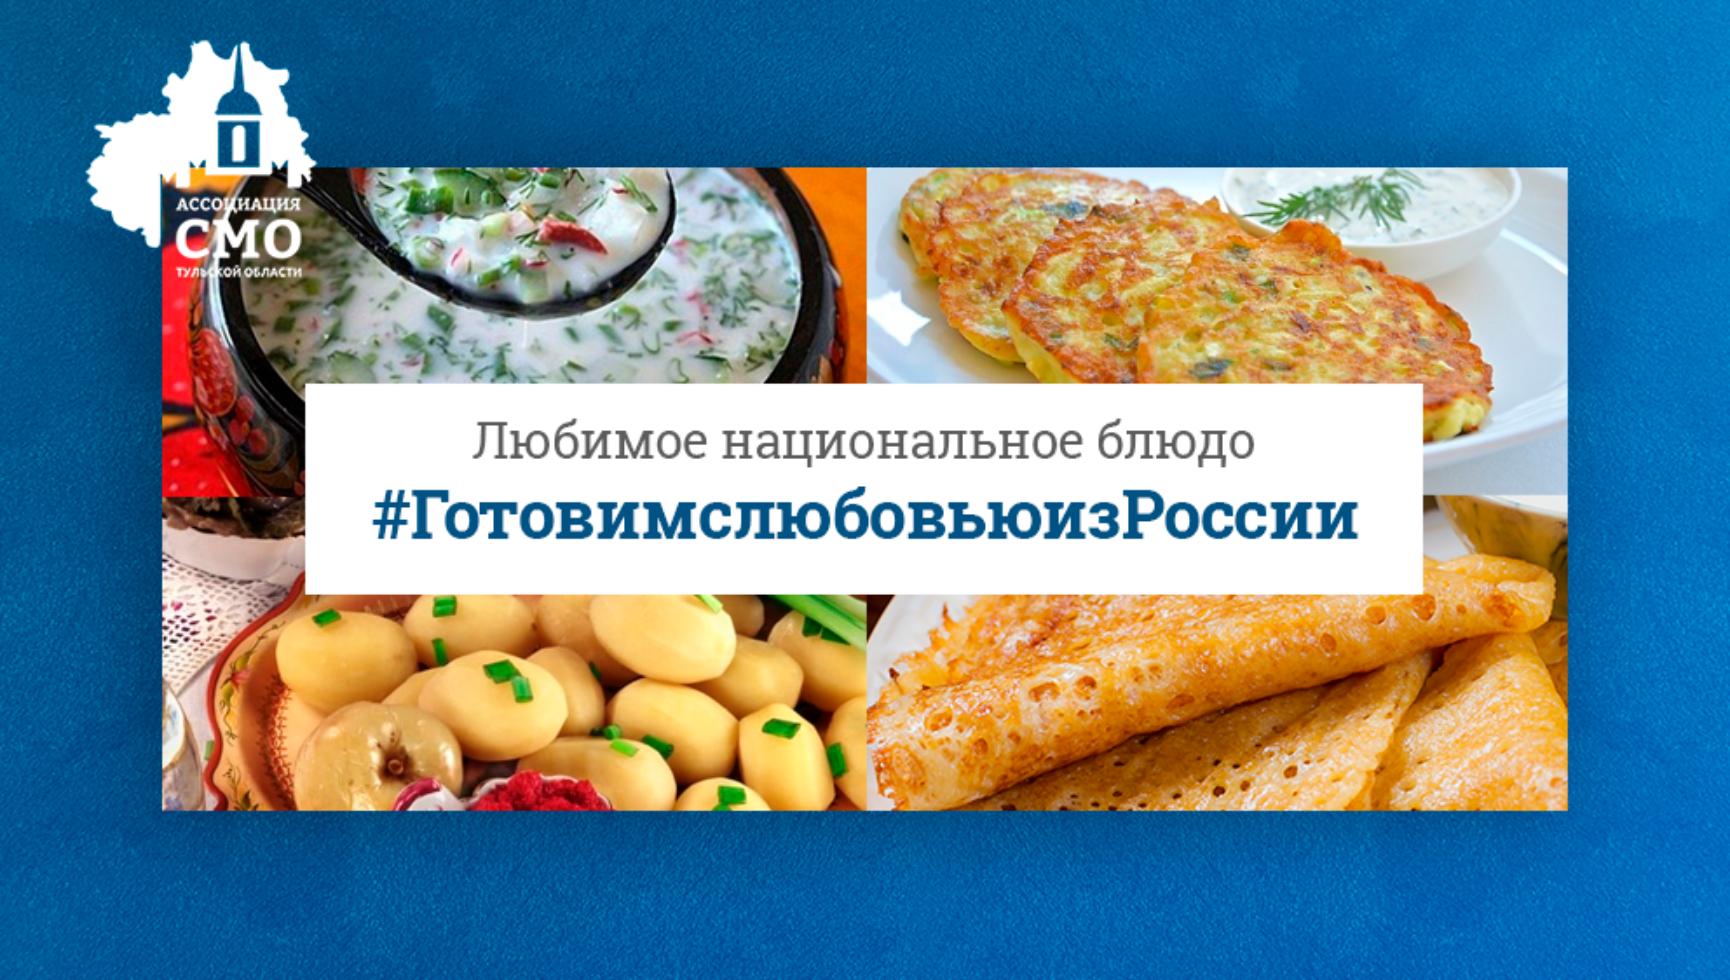 Акция ко Дню России #ГотовимслюбовьюизРоссии